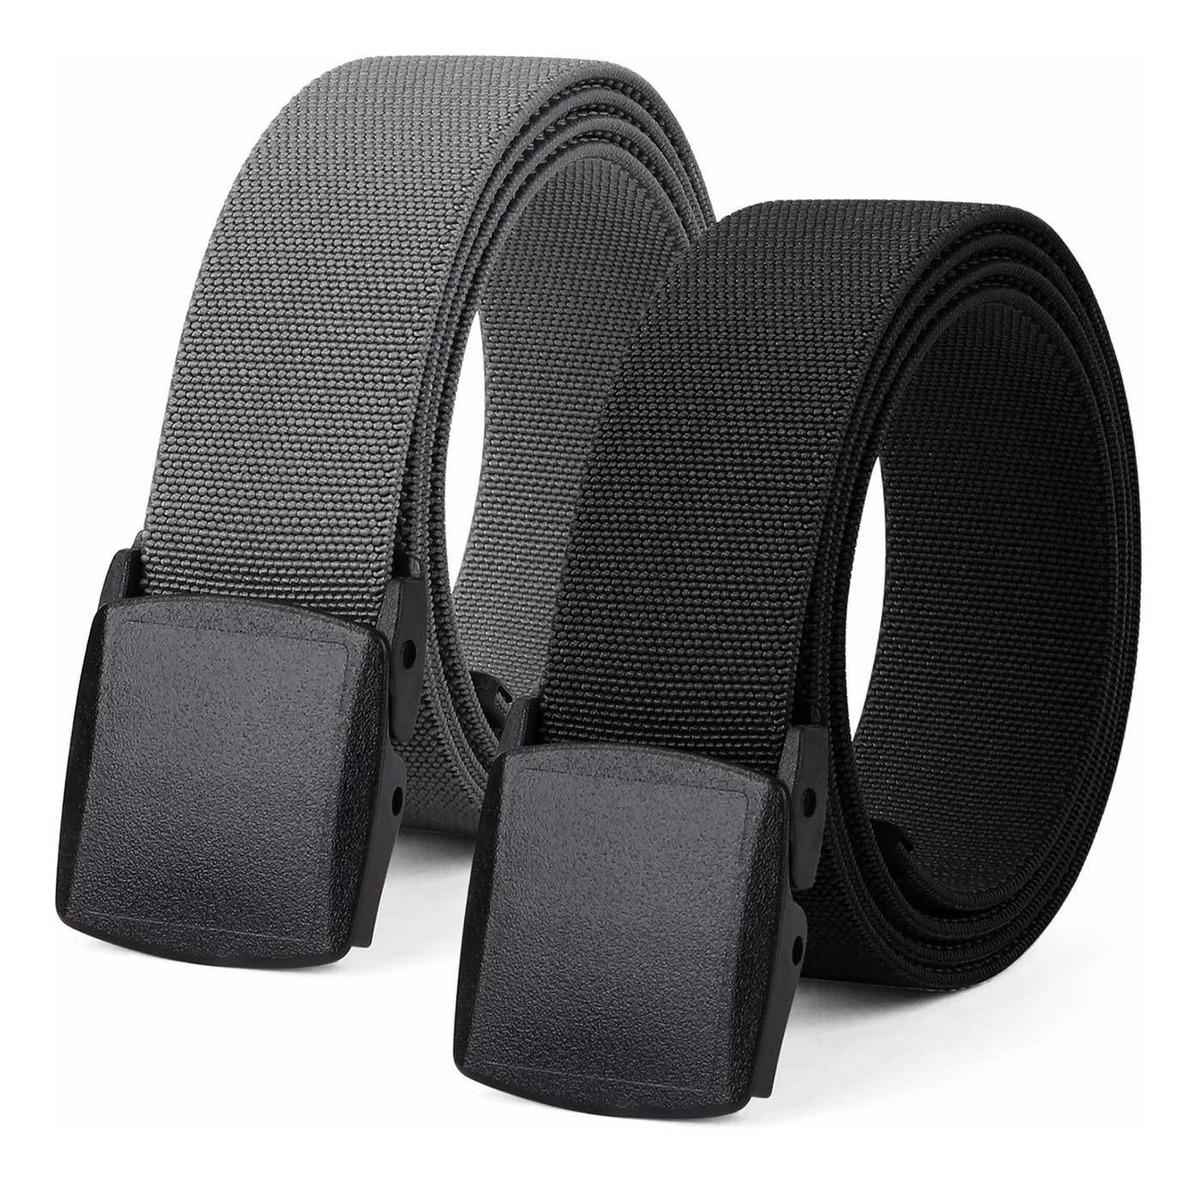 Precio de fábrica 2019 de calidad superior atarse en Cinturón Elástico Para Hombre, Cinturón De Plástico Para